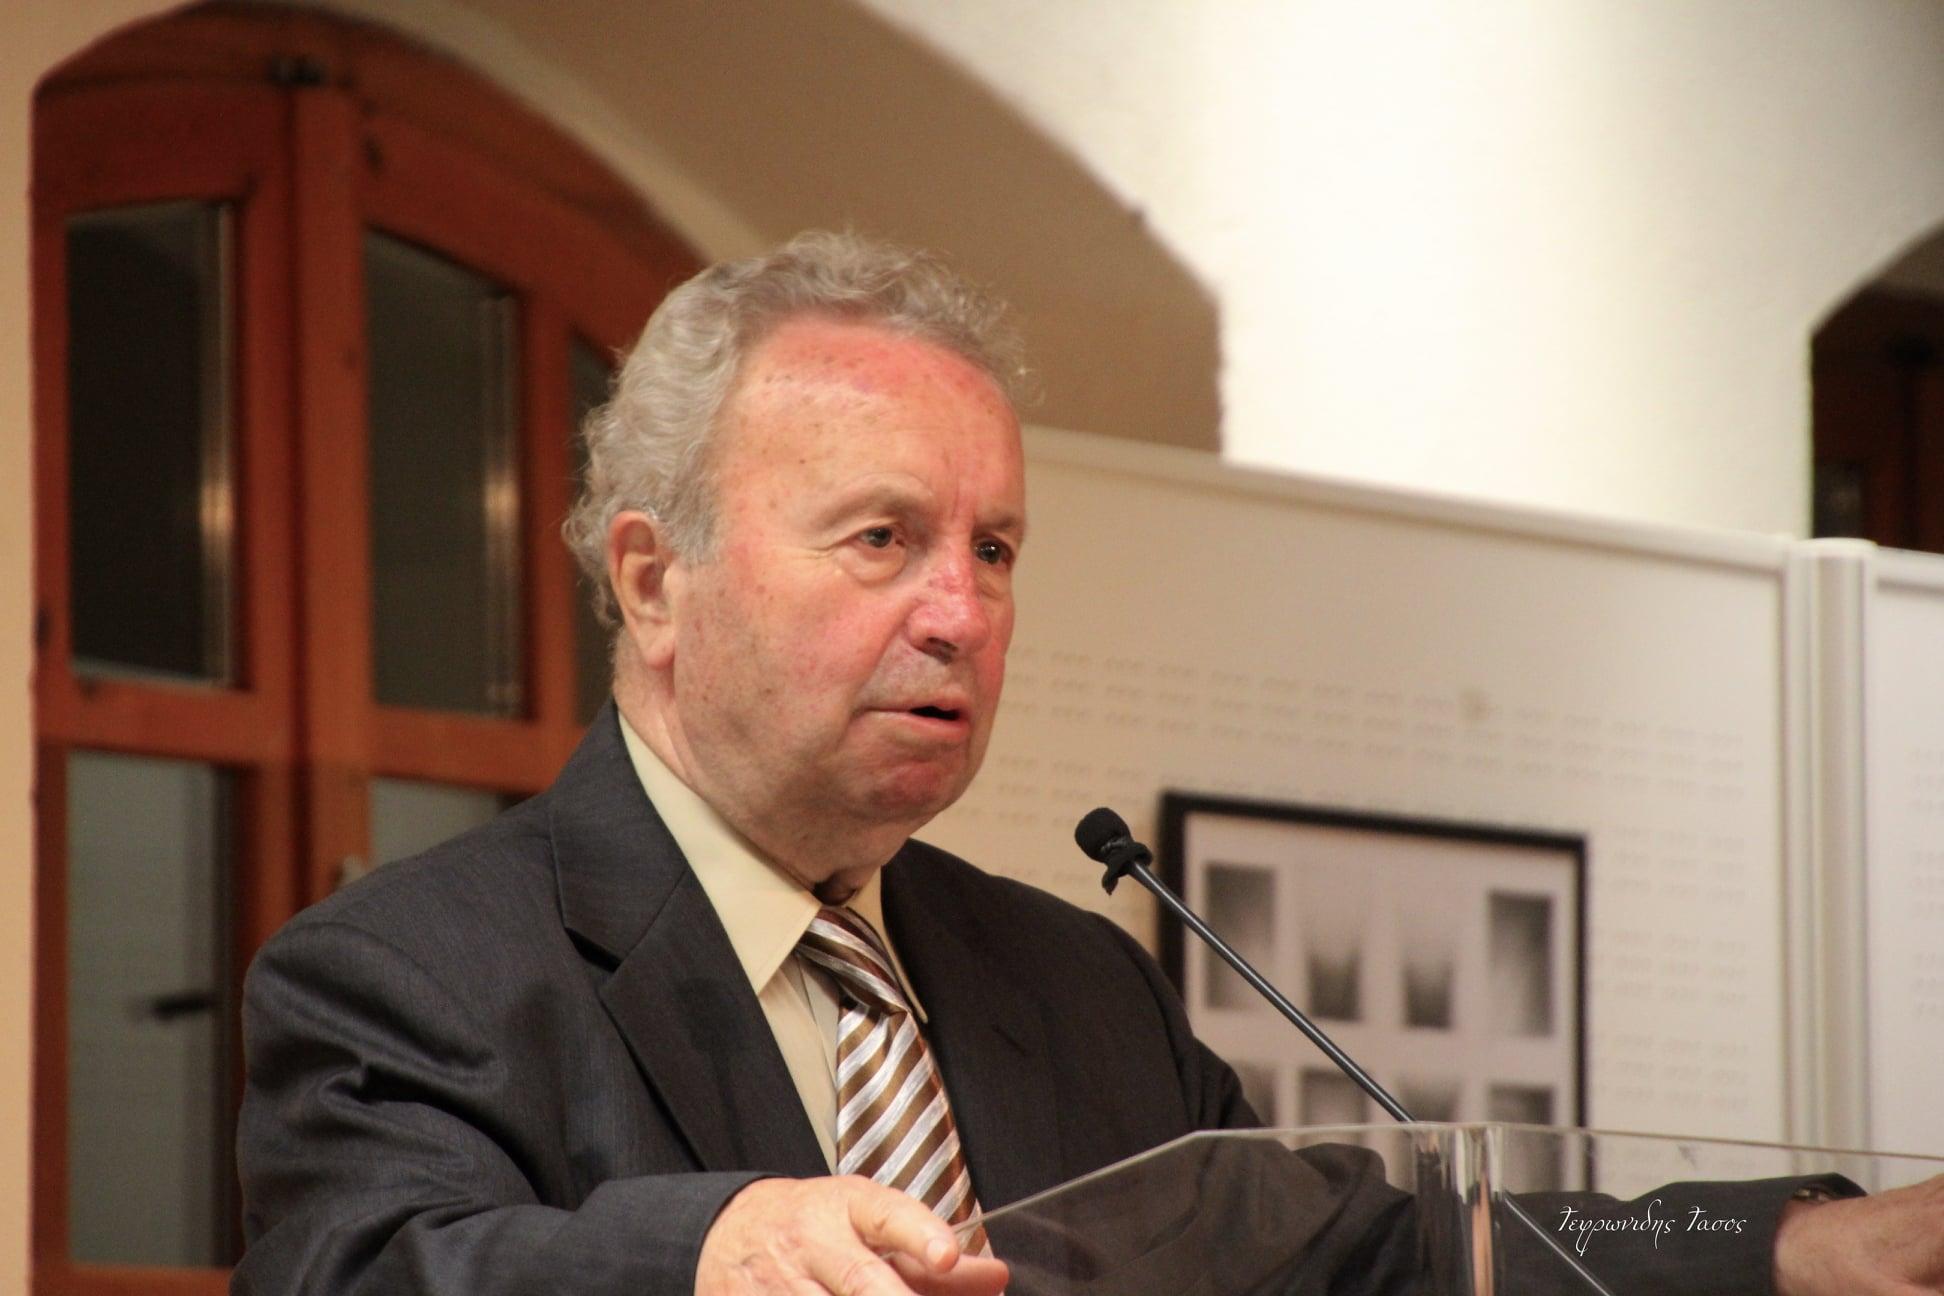 Θλίψη στην Ξάνθη - Πέθανε ο Πέτρος Γεωργαντζής